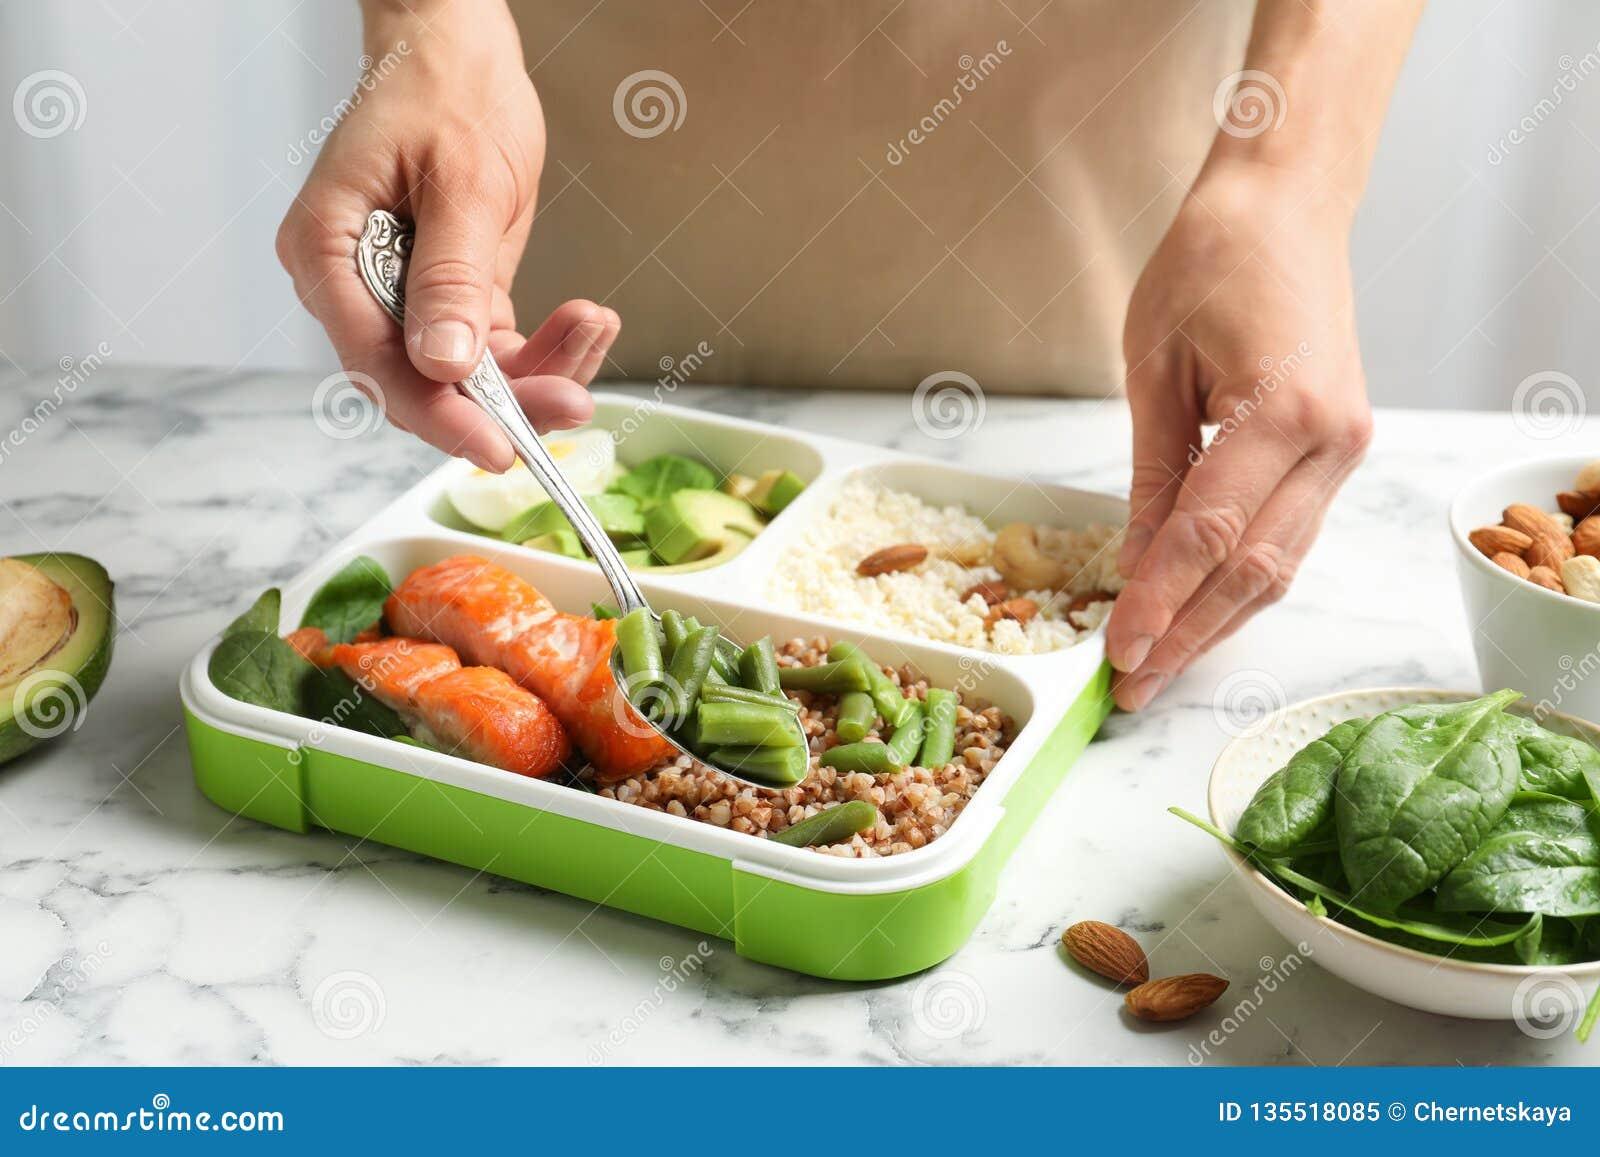 Frau, die natürliche Proteinnahrung in Behälter setzt